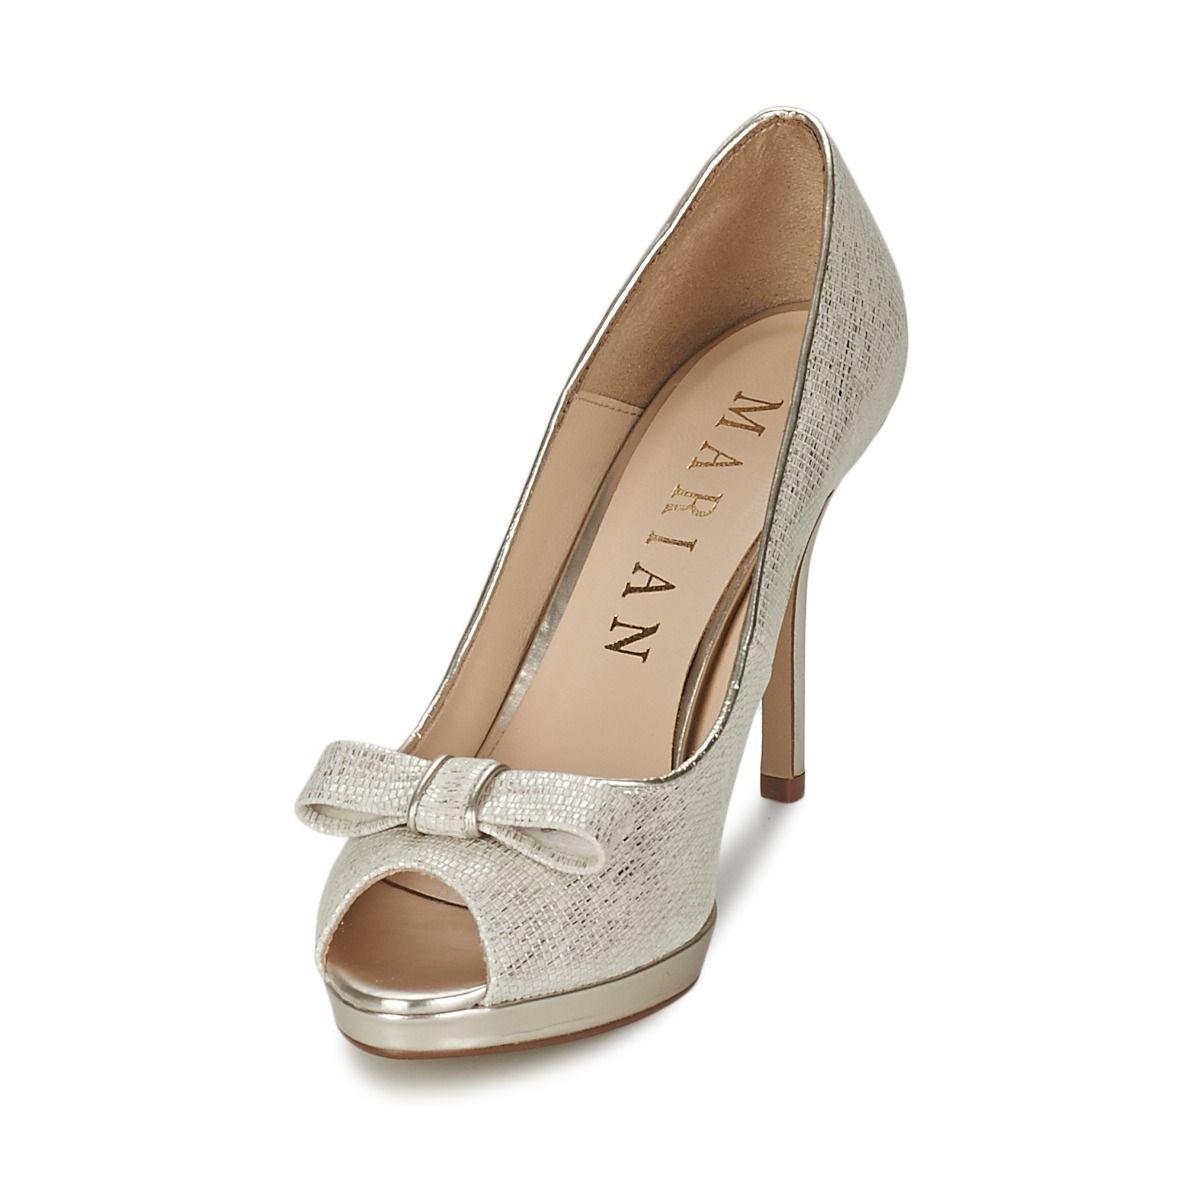 Marian ESMERALDA Blanc - Livraison Gratuite avec  - Chaussures Escarpins Femme